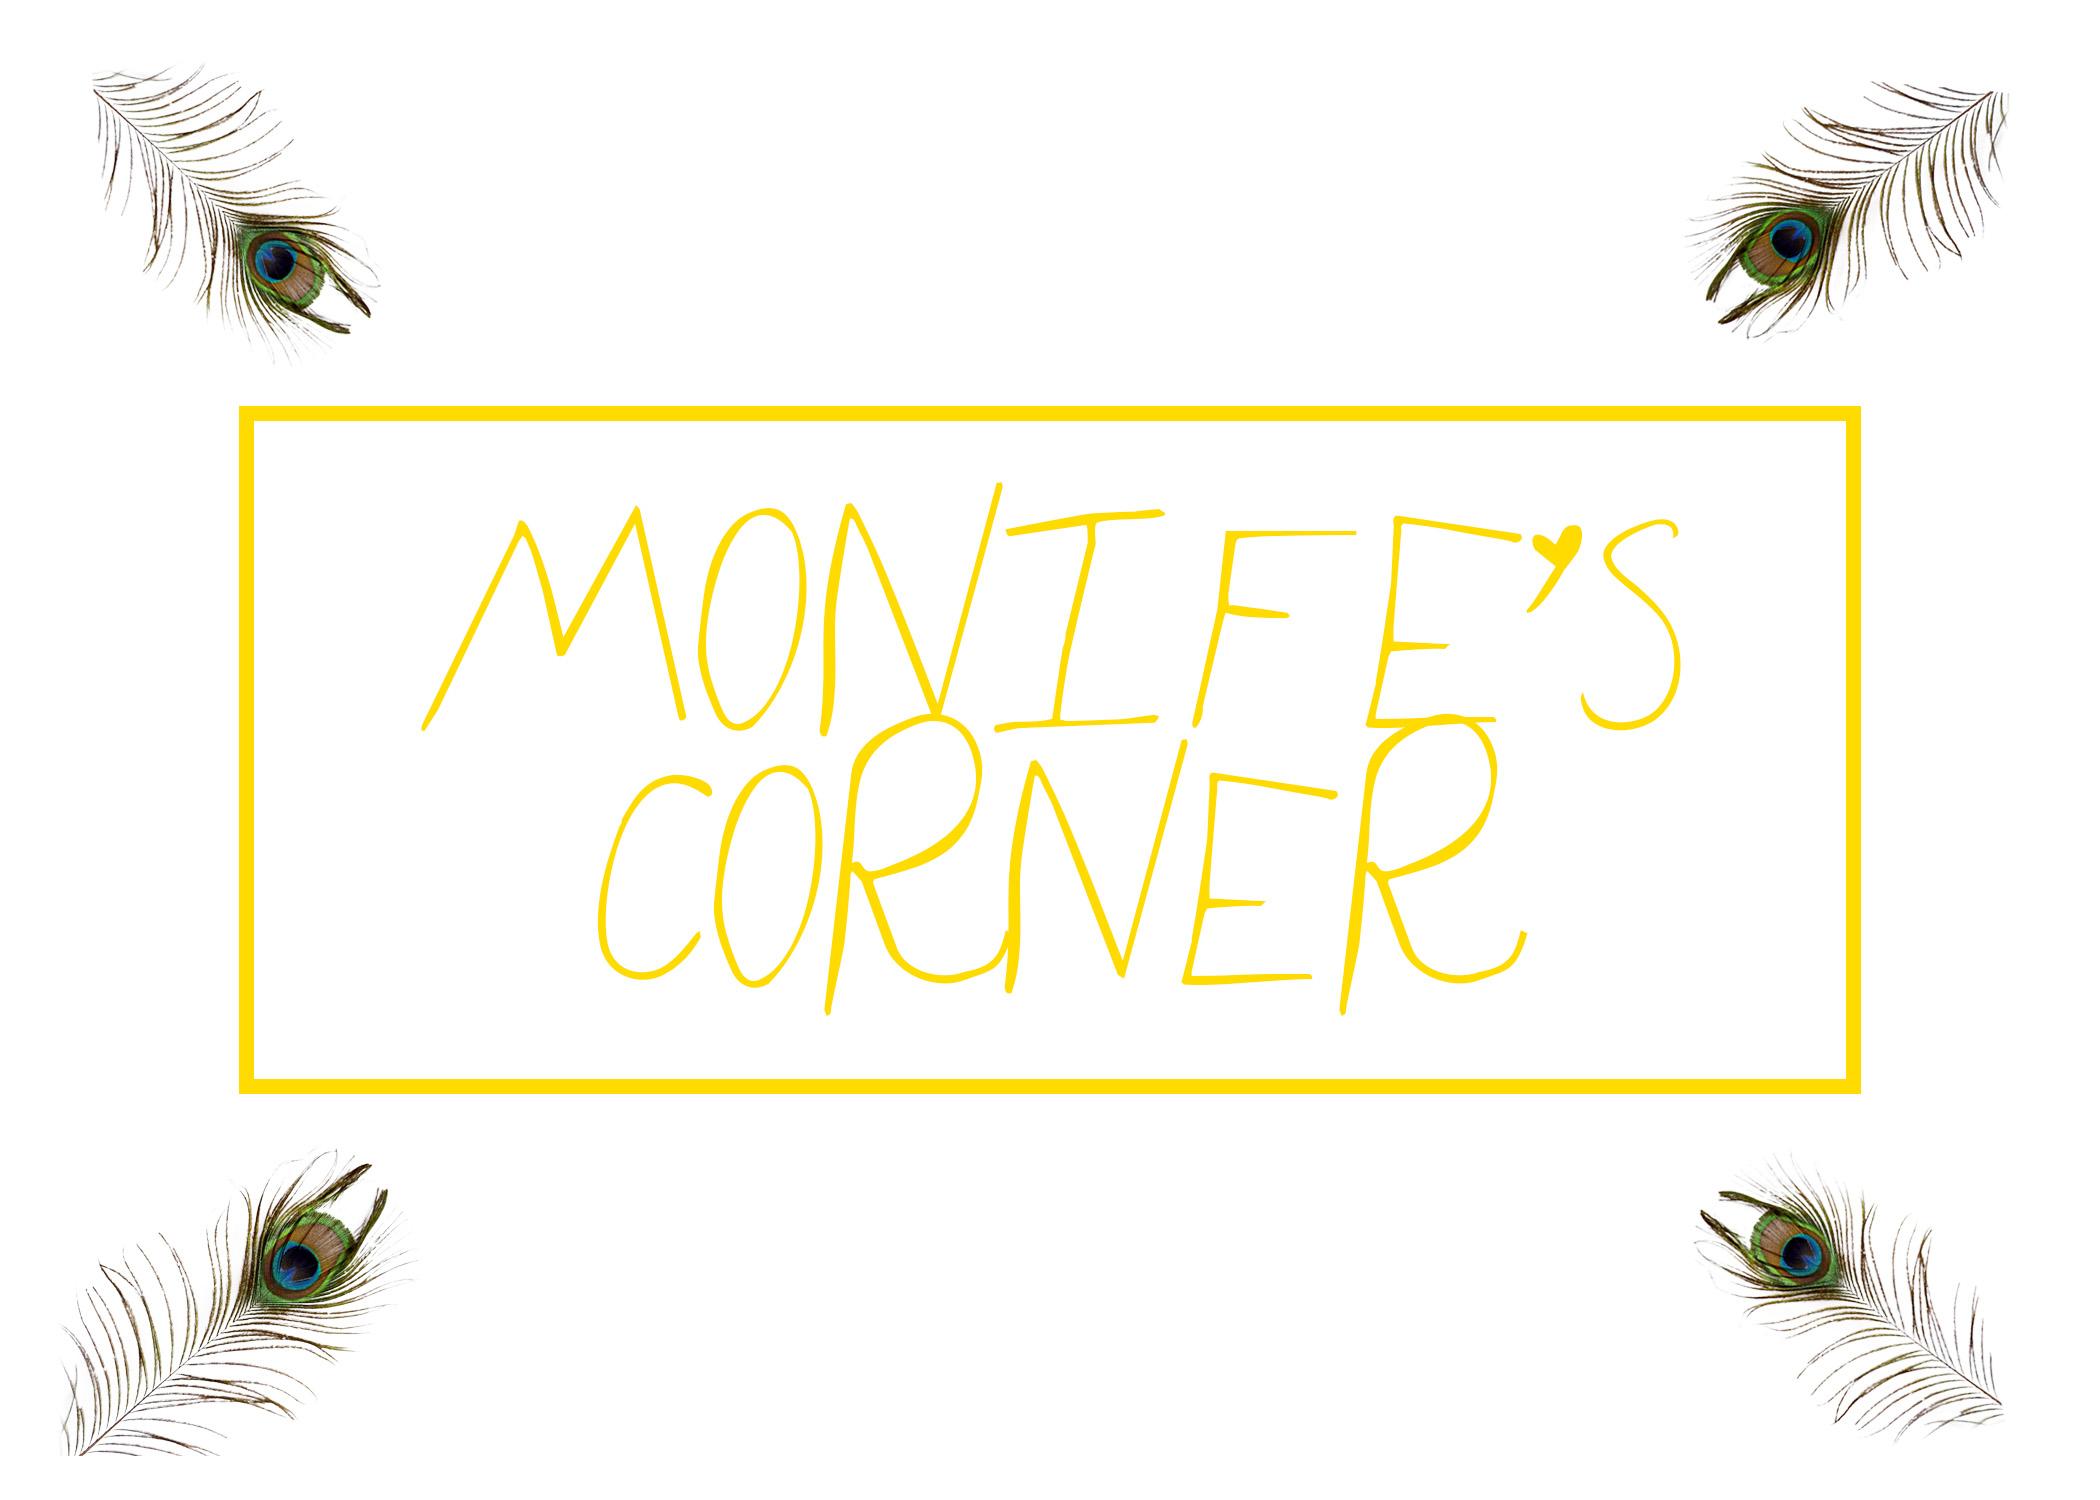 monifescorner.jpg